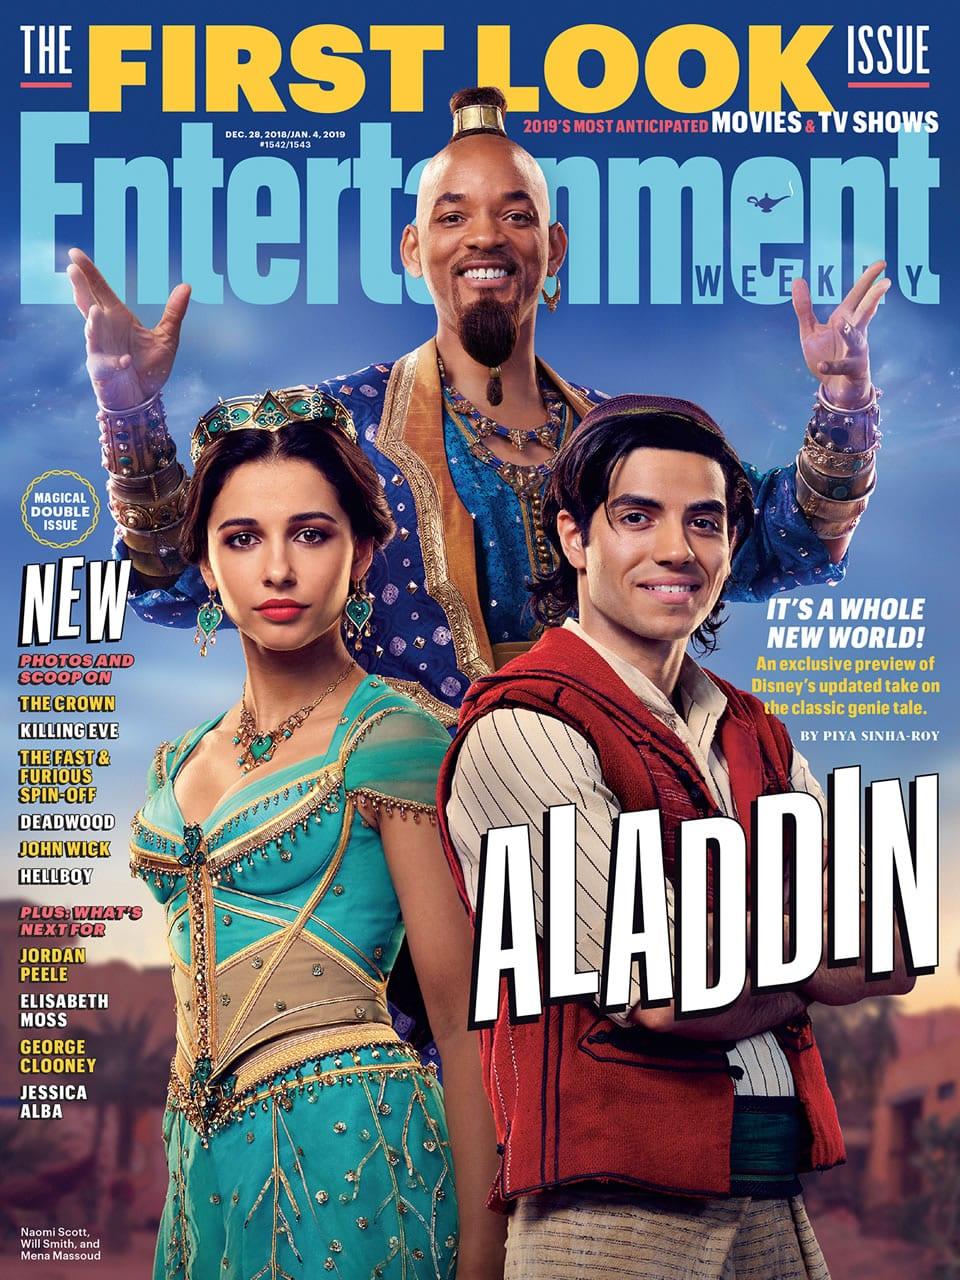 Así se ve Will Smith como el genio en la próxima live-action de Aladdin.